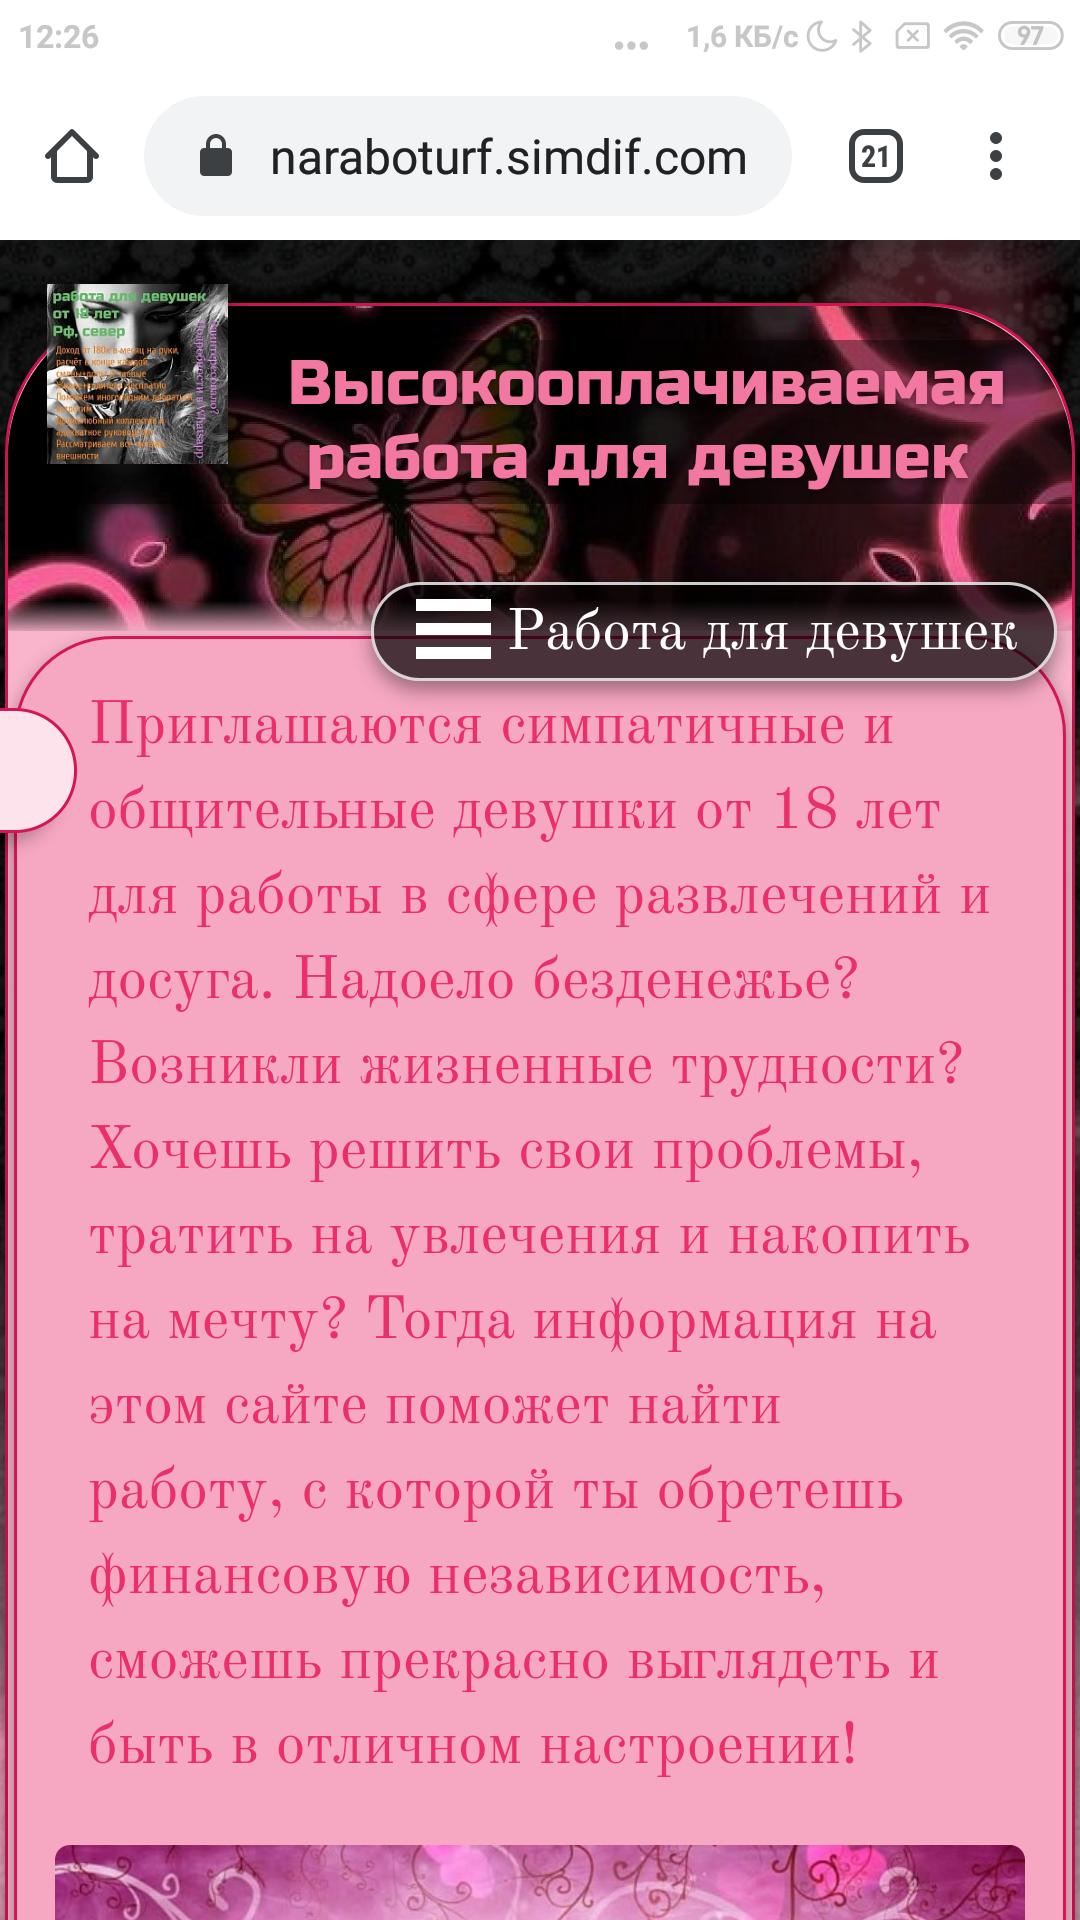 Работа проститутки для девушки заработать моделью онлайн в маркс